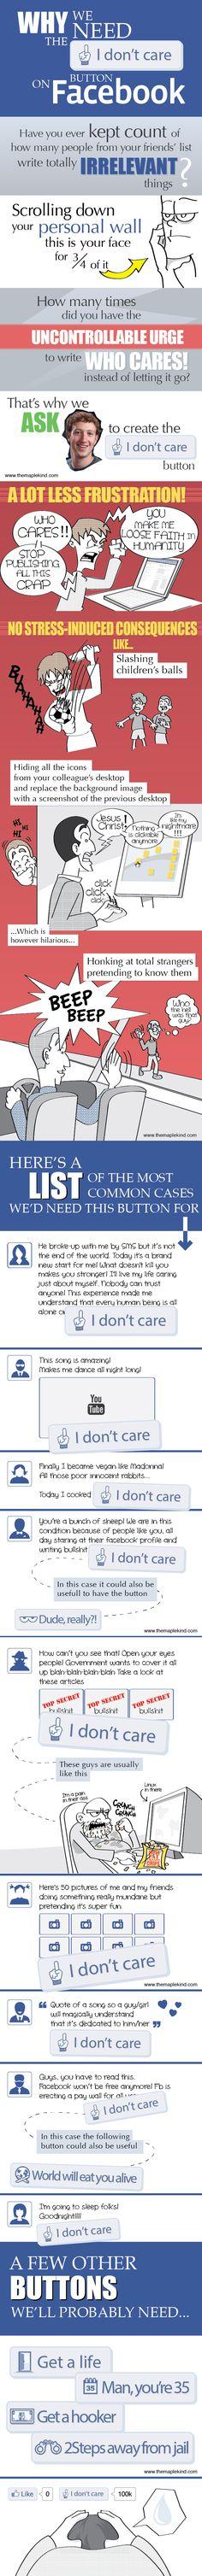 """¿Por qué necesitamos un botón de """"No me importa"""" en Facebook? I don't care"""